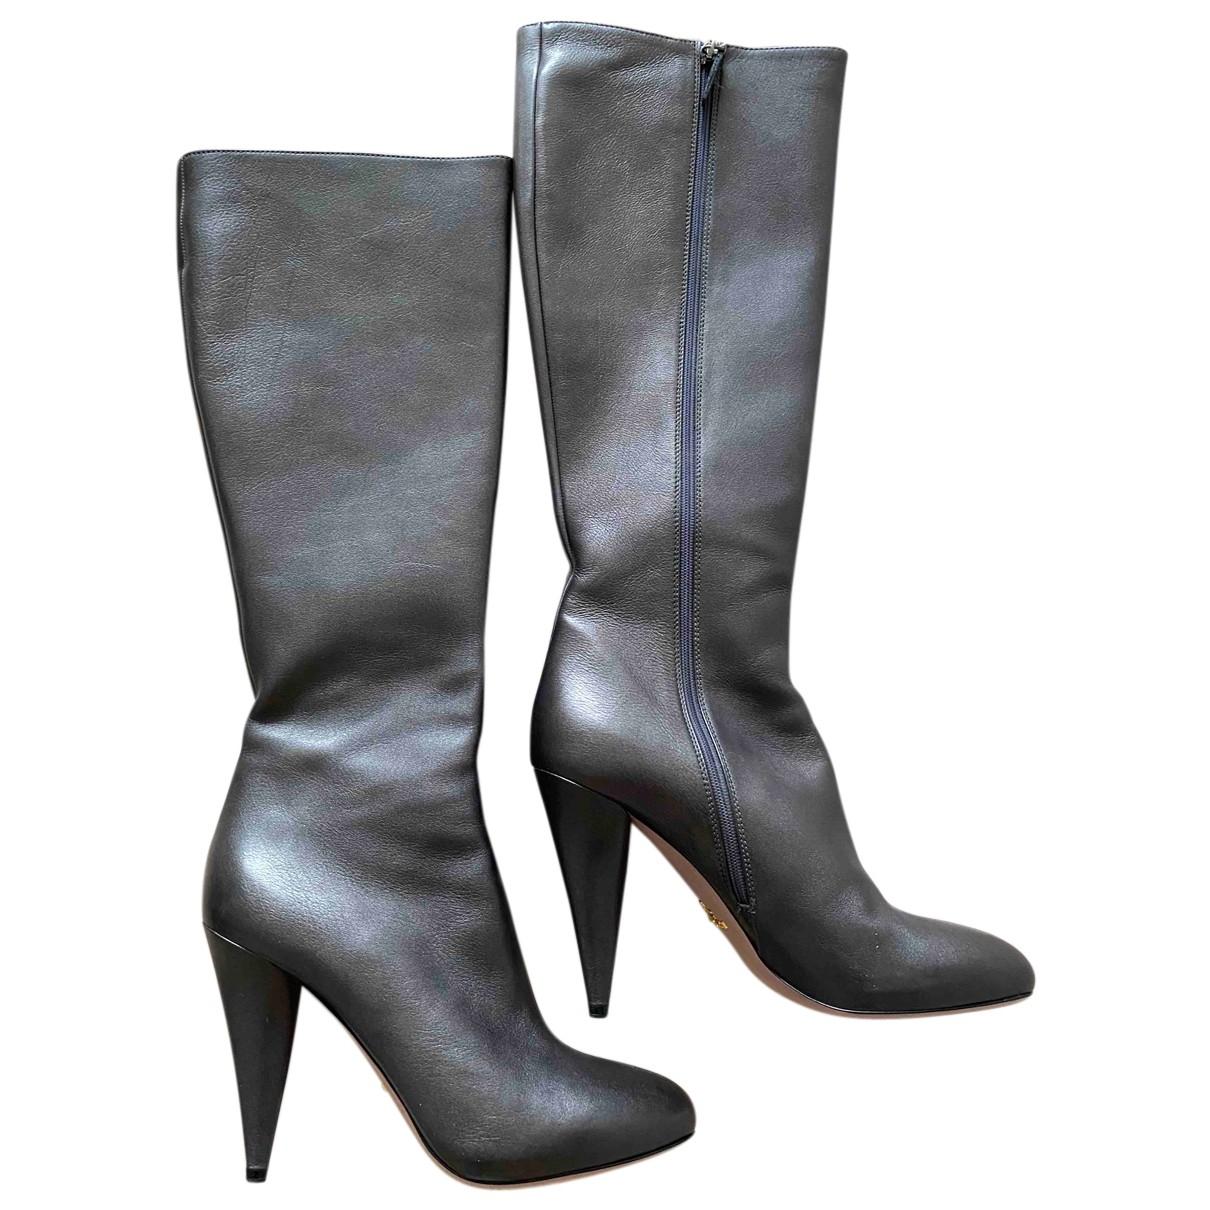 Prada \N Stiefel in  Grau Leder